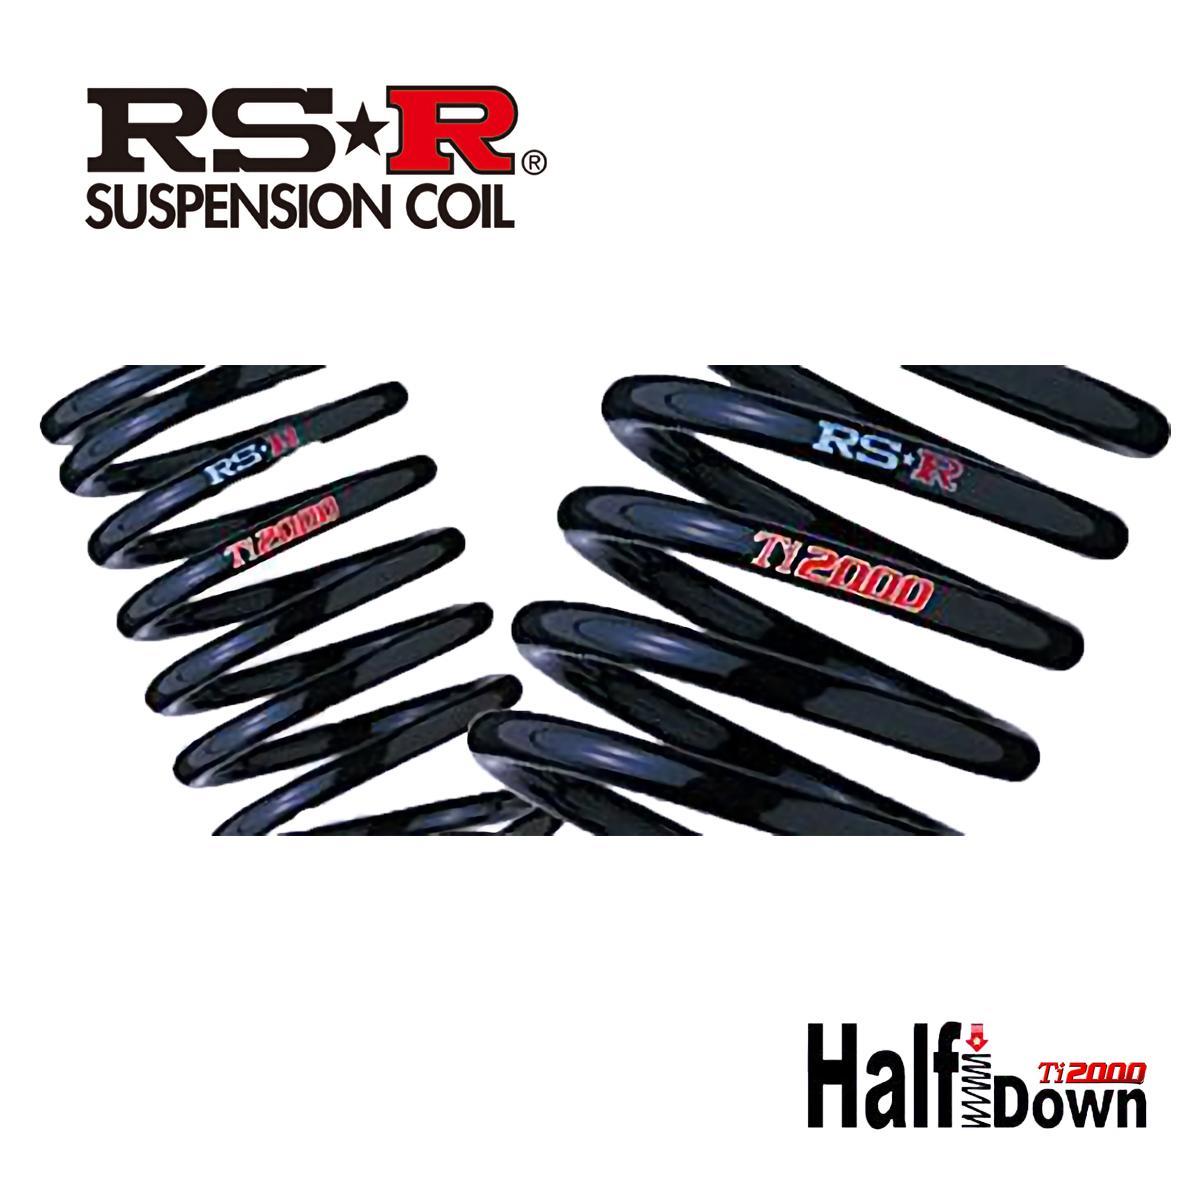 RS-R プリウス Aグレード ZVW55 ダウンサス スプリング 1台分 T585THD Ti2000 ハーフダウン RSR 個人宅発送追金有